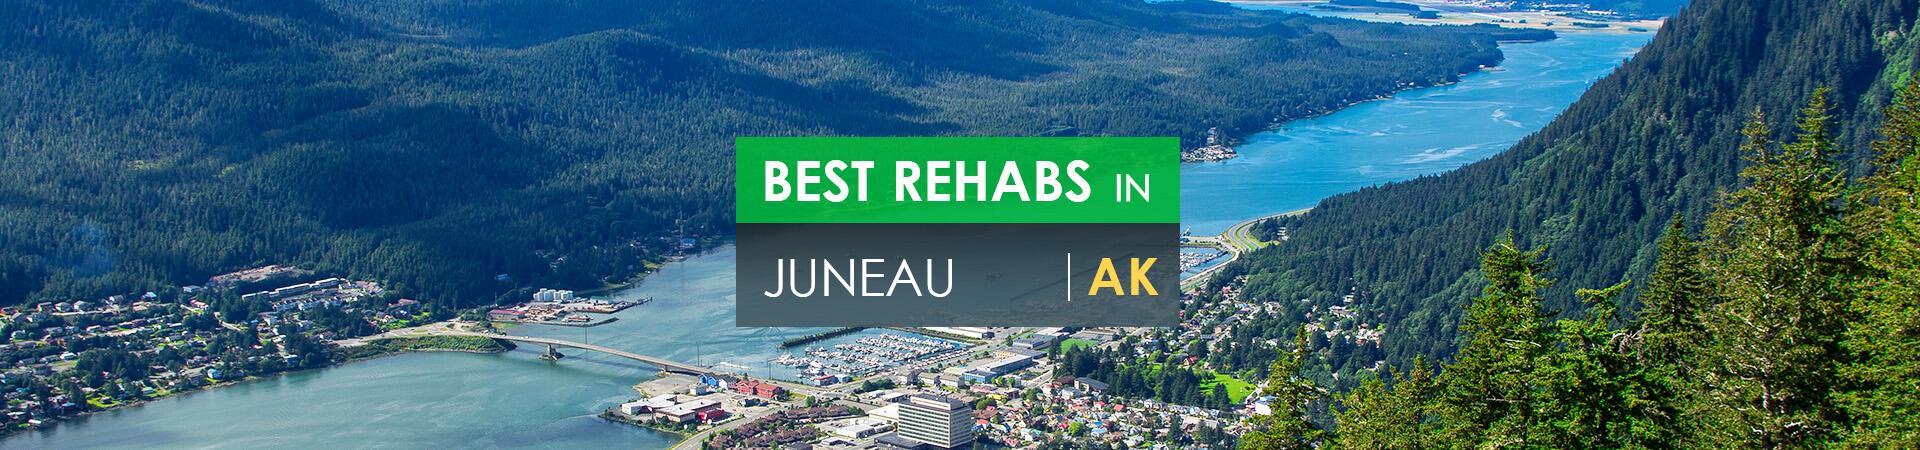 Best rehabs in Juneau, AK